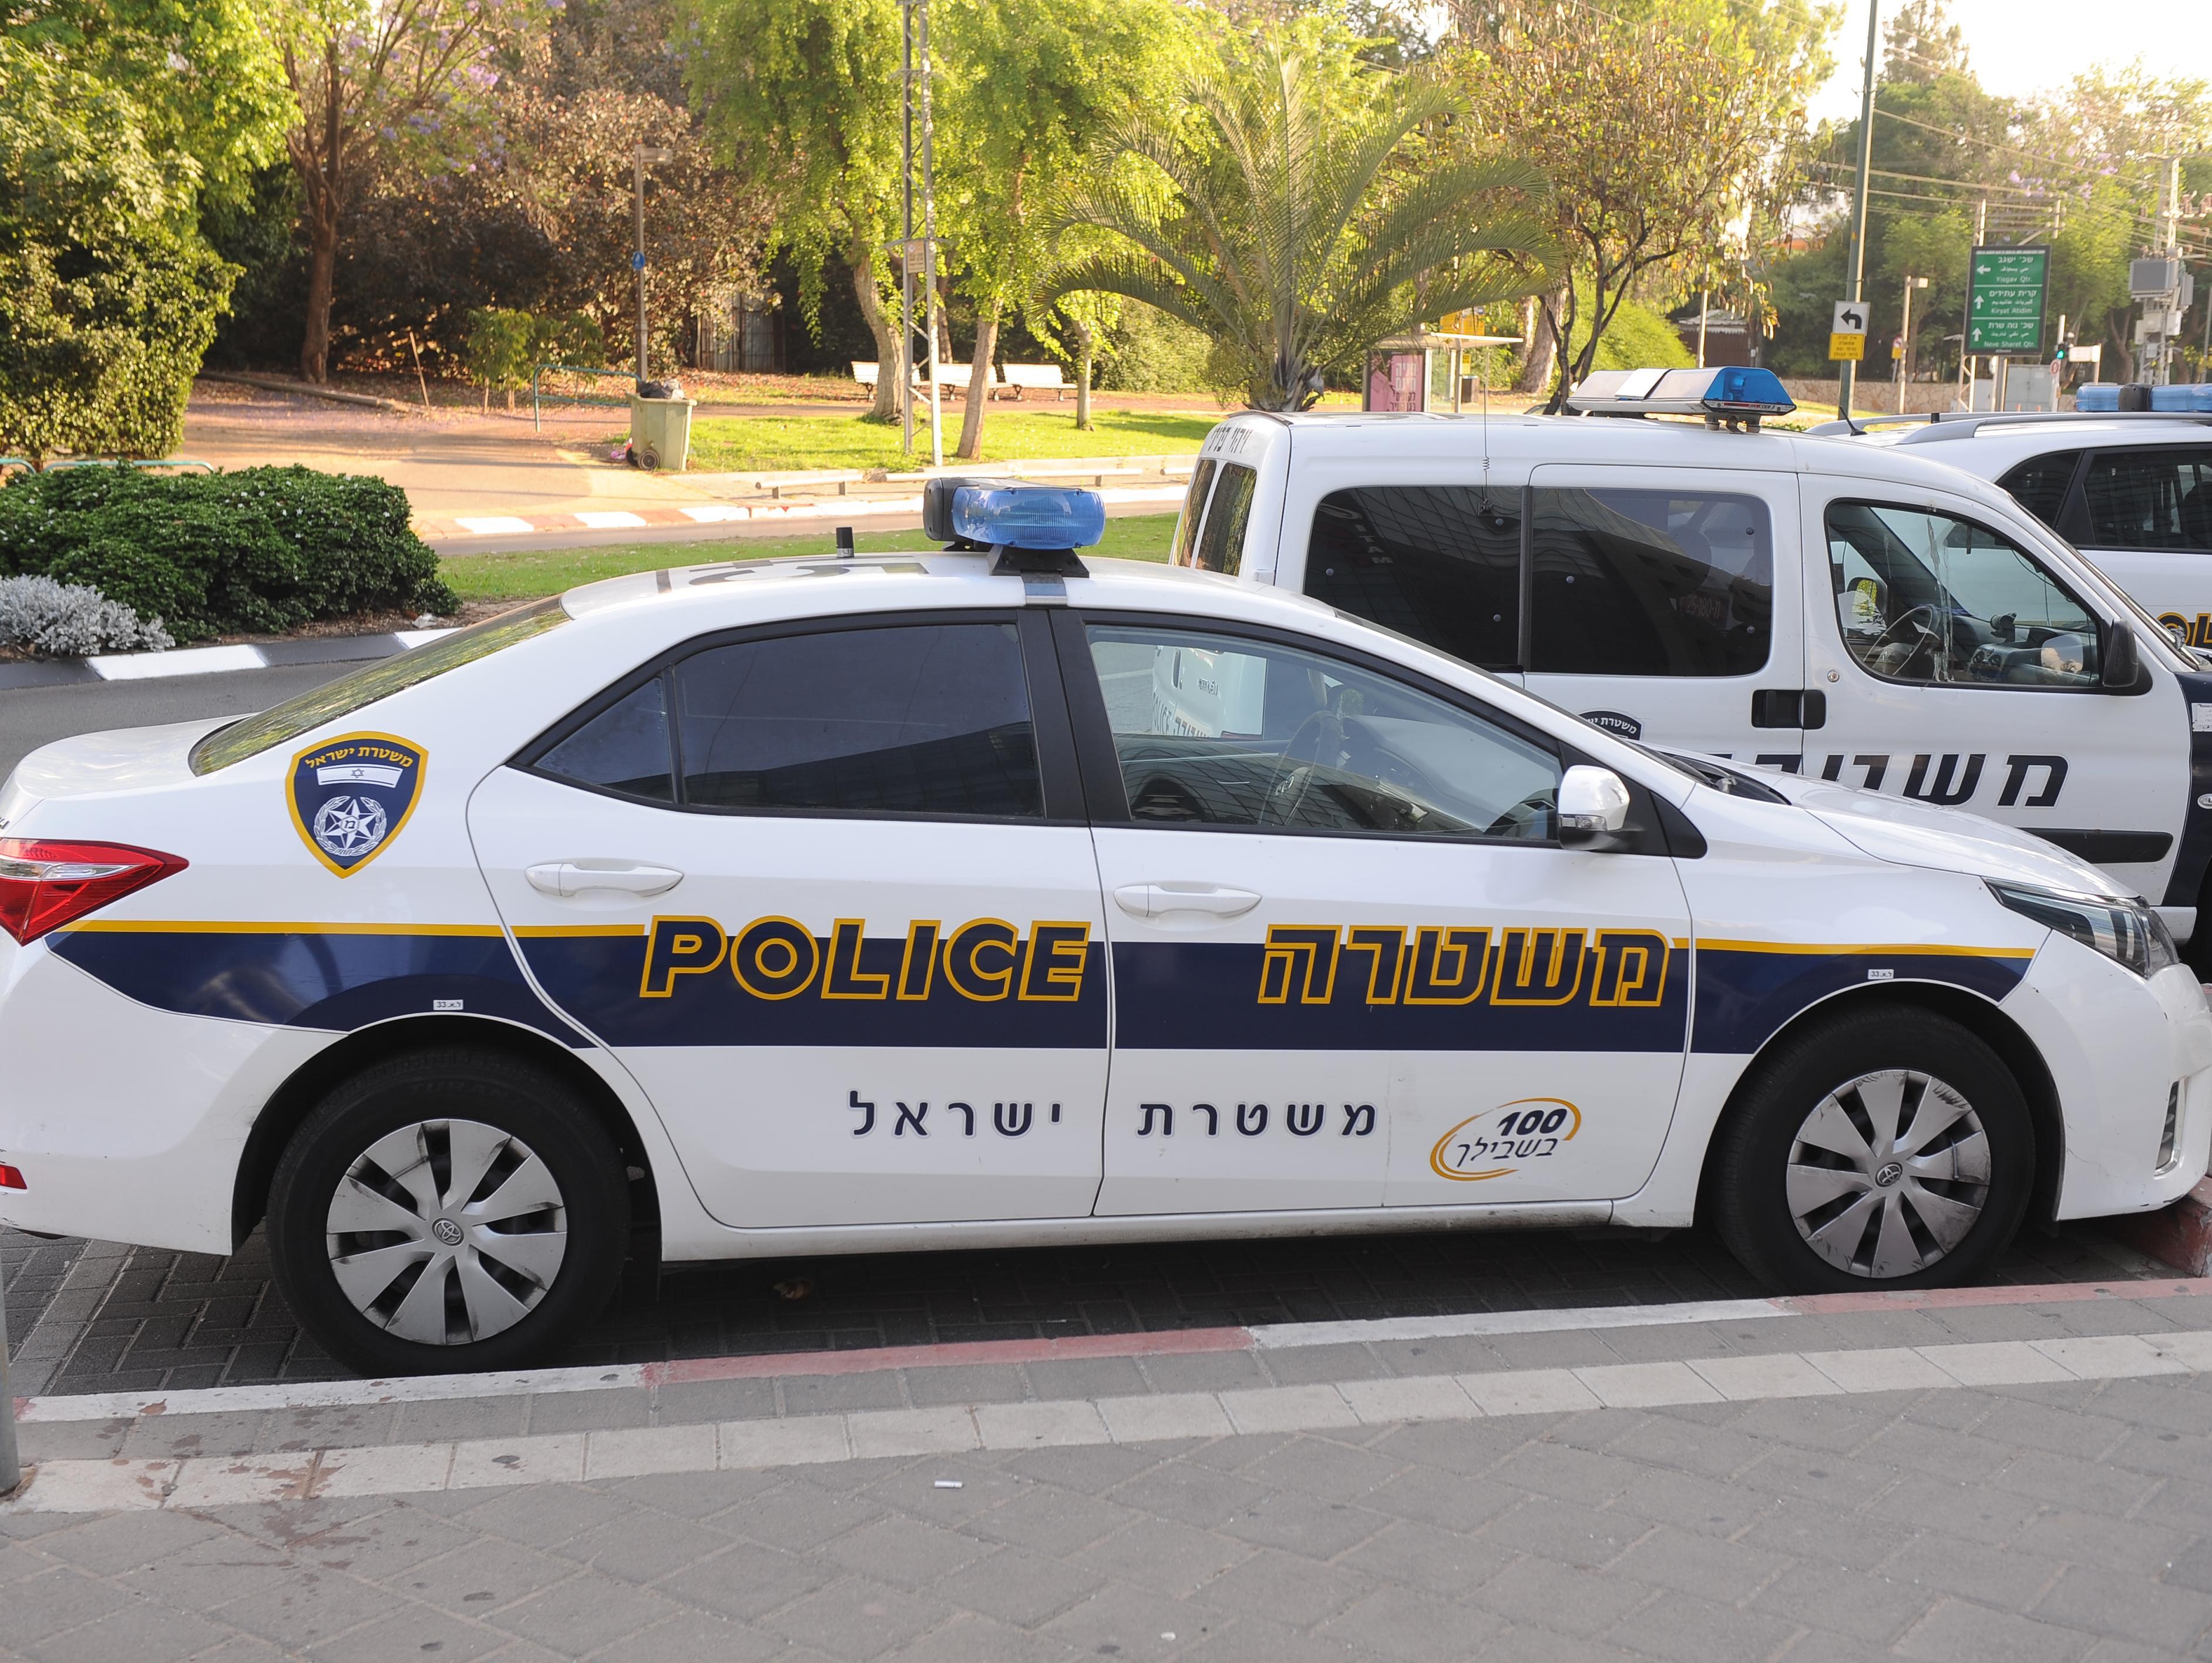 חשד: ניסו לפרוץ לניידת בזמן שהשוטרים בדקו תלונה על צעקות